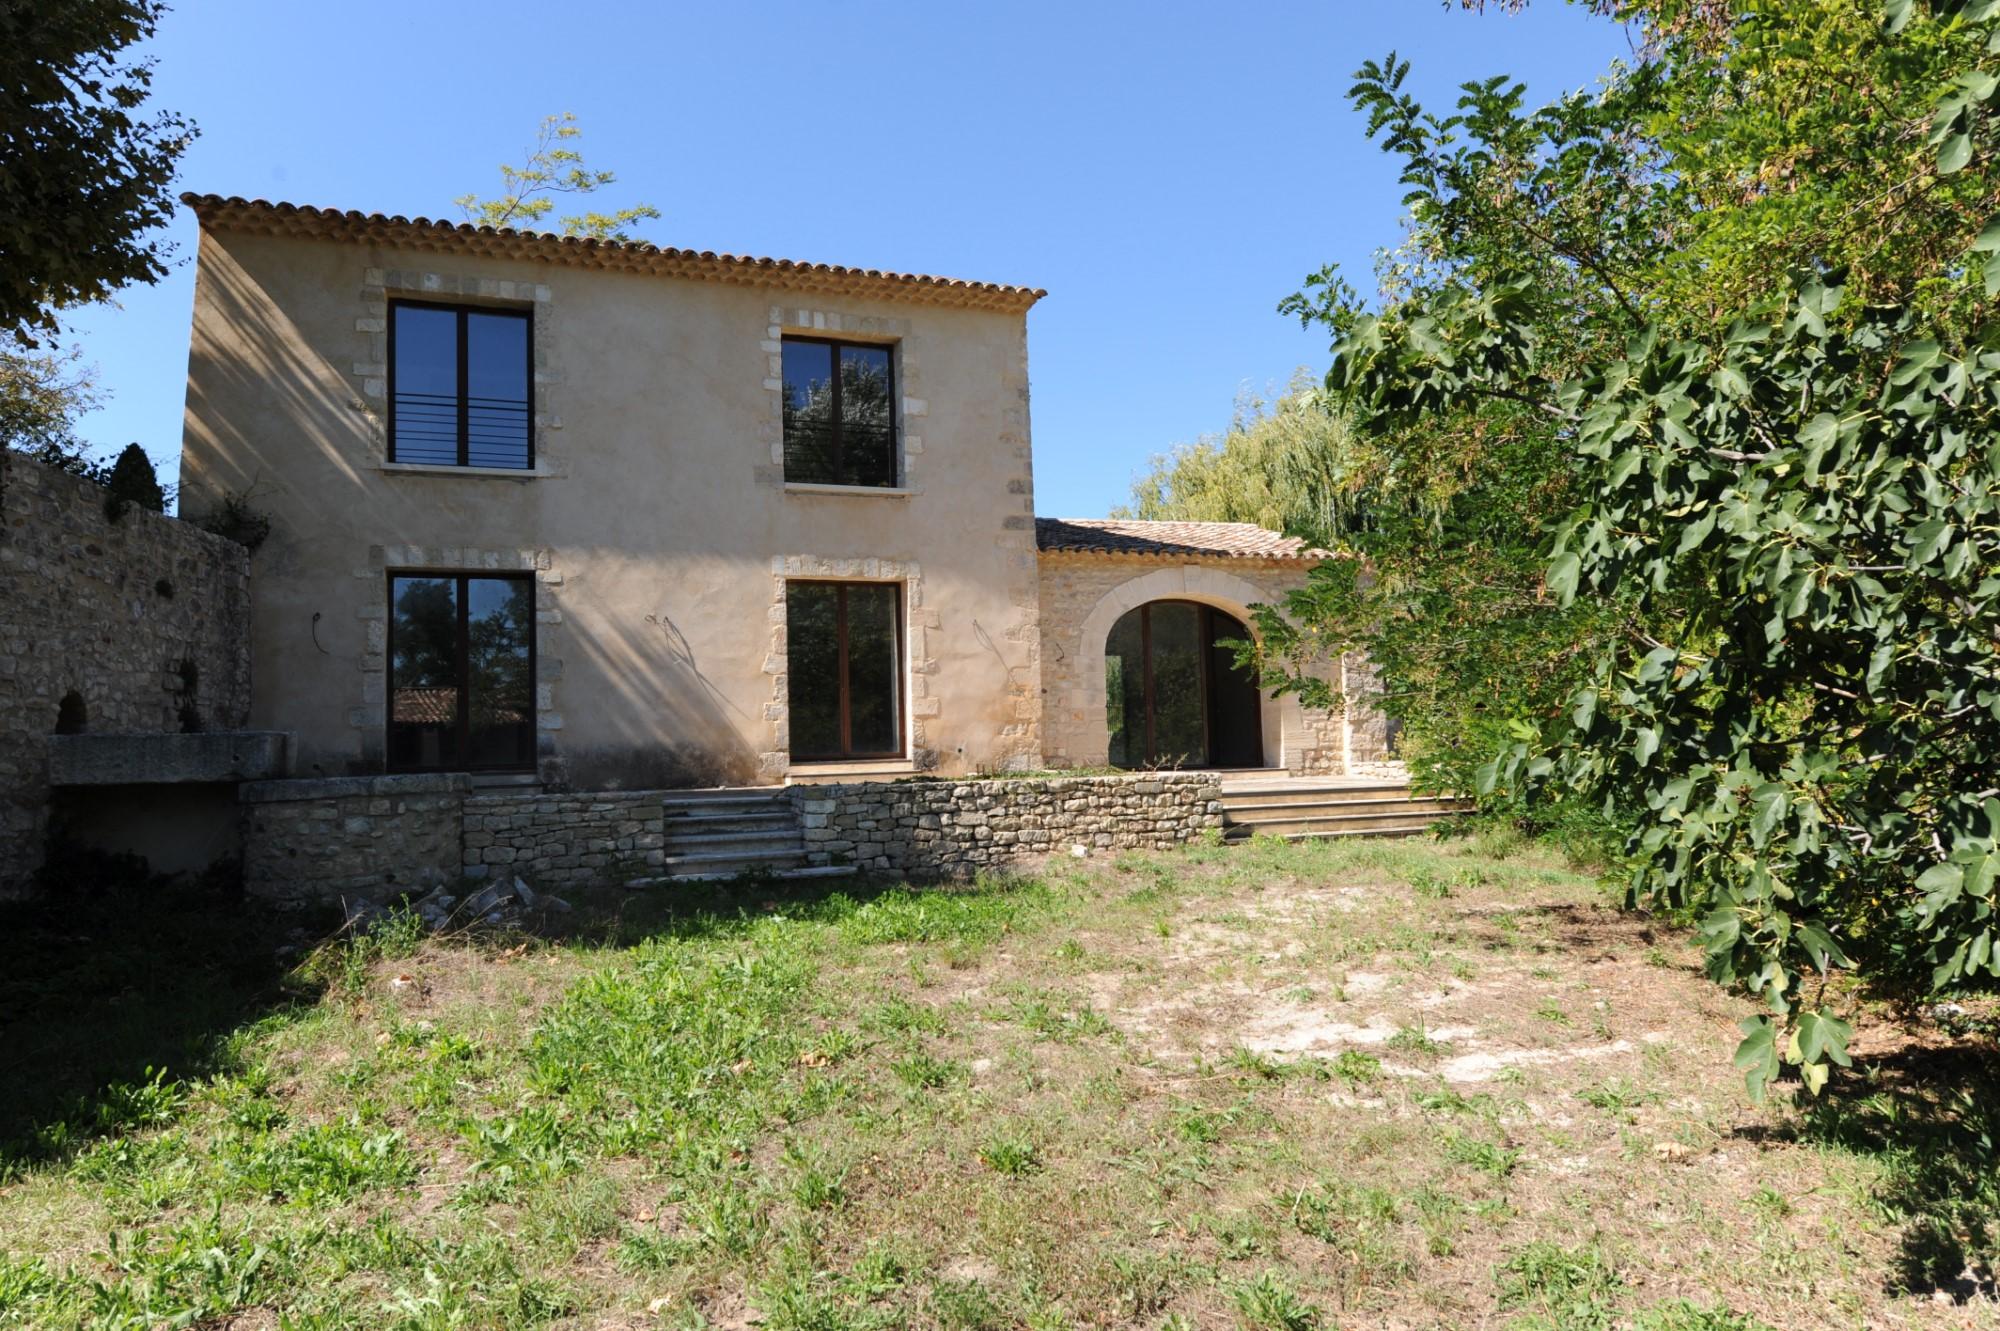 Propriété à rénover dans le Luberon en Provence